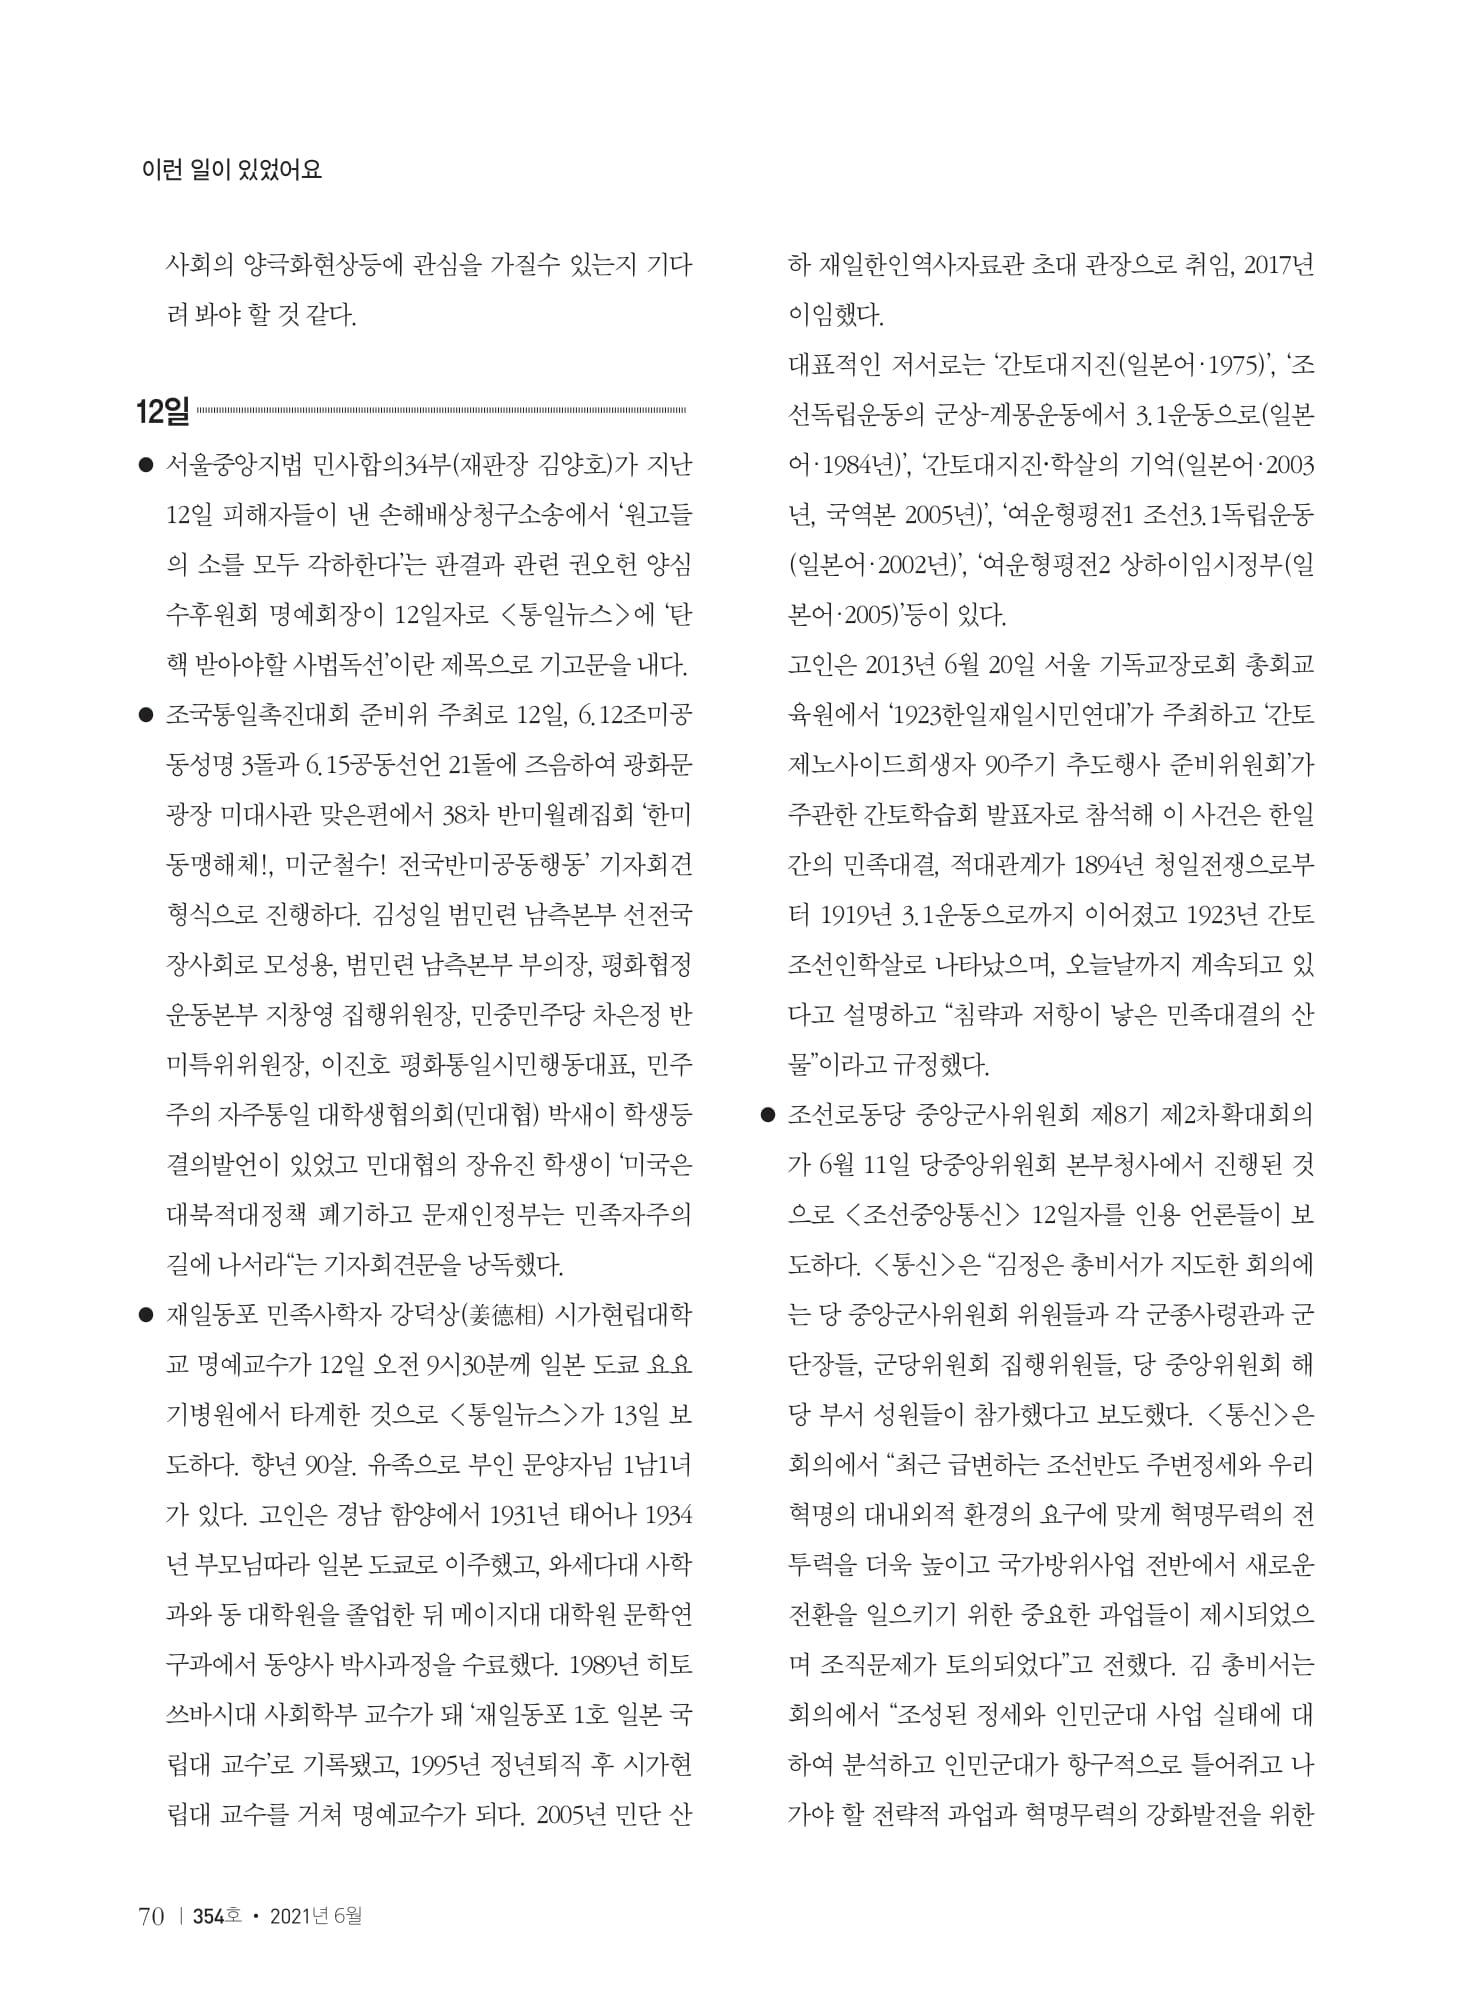 [양심수후원회] 소식지 354호 web 수정-72.jpg